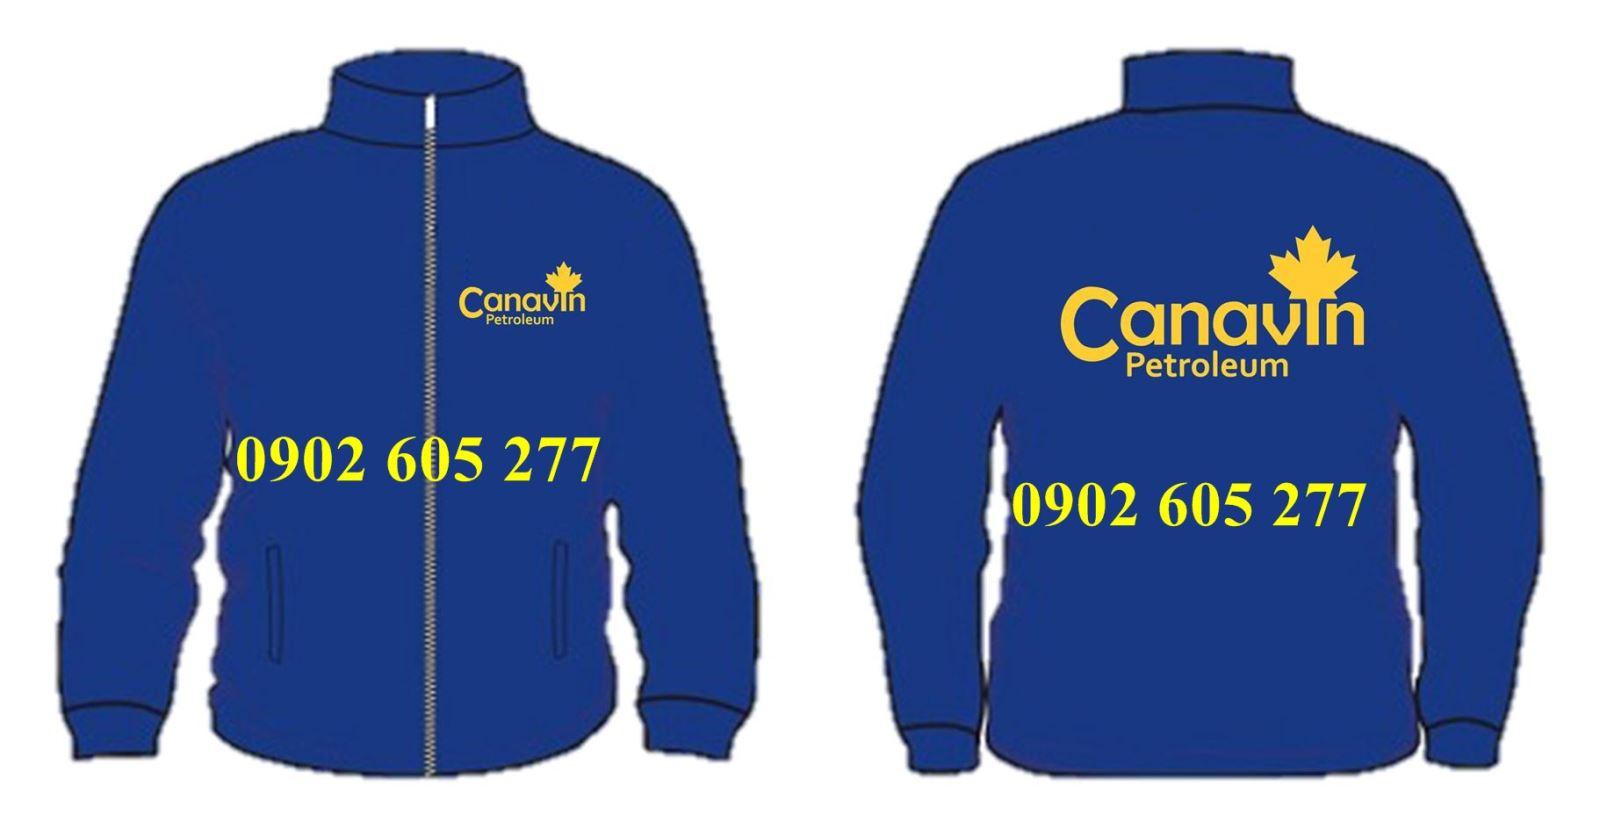 Nhận may áo khoác in logo theo yêu cầu tại Quận 3